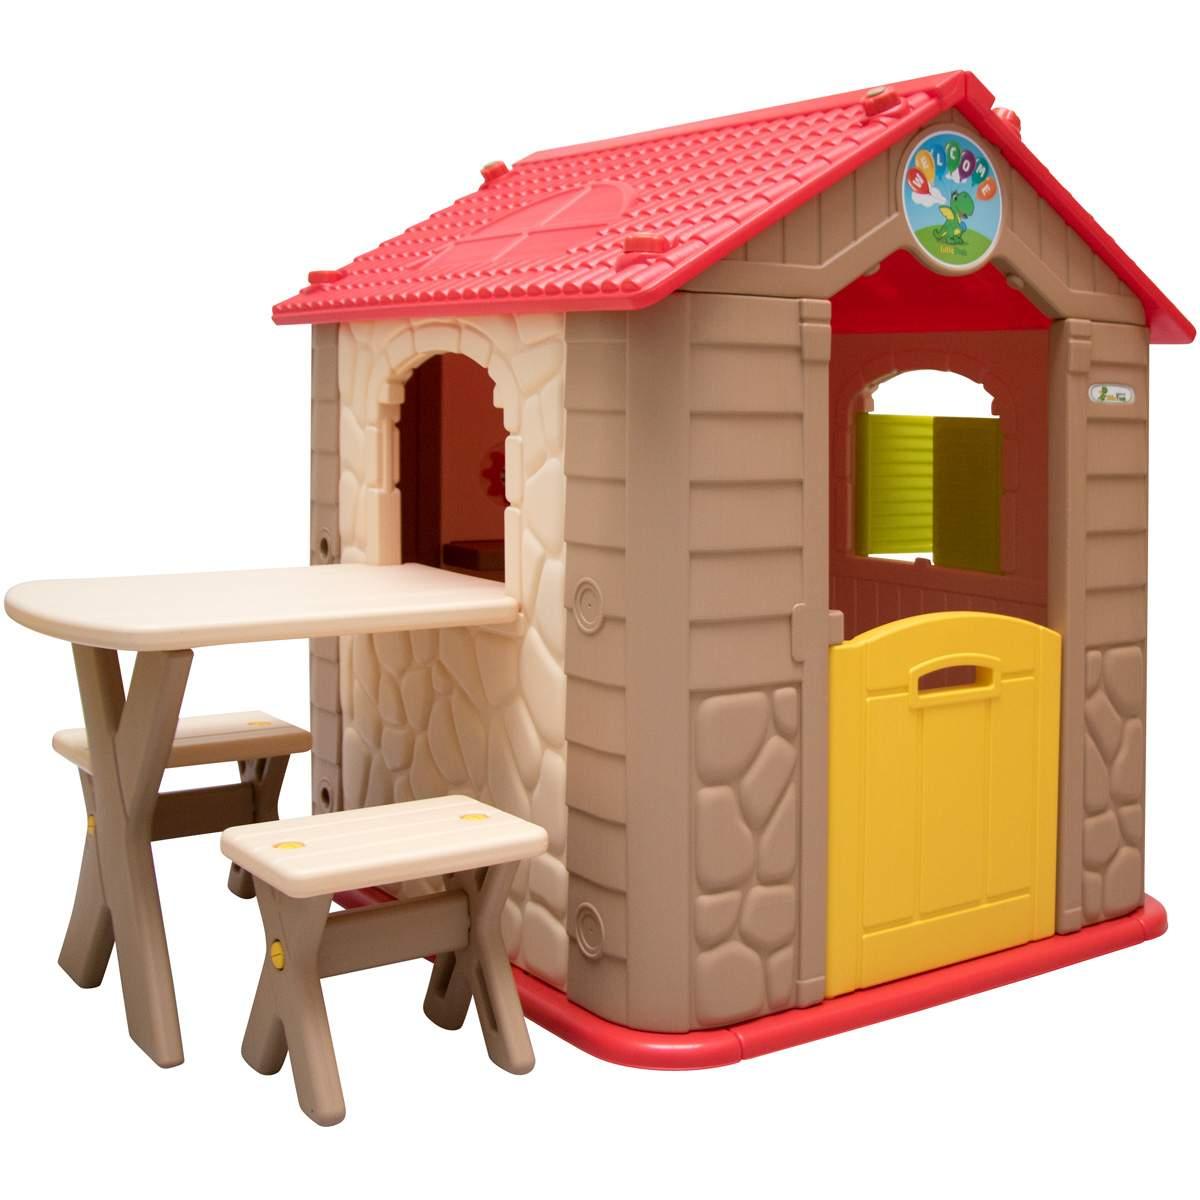 kinderspielhaus inkl tisch und 2 banken kunststoff spielhaus a